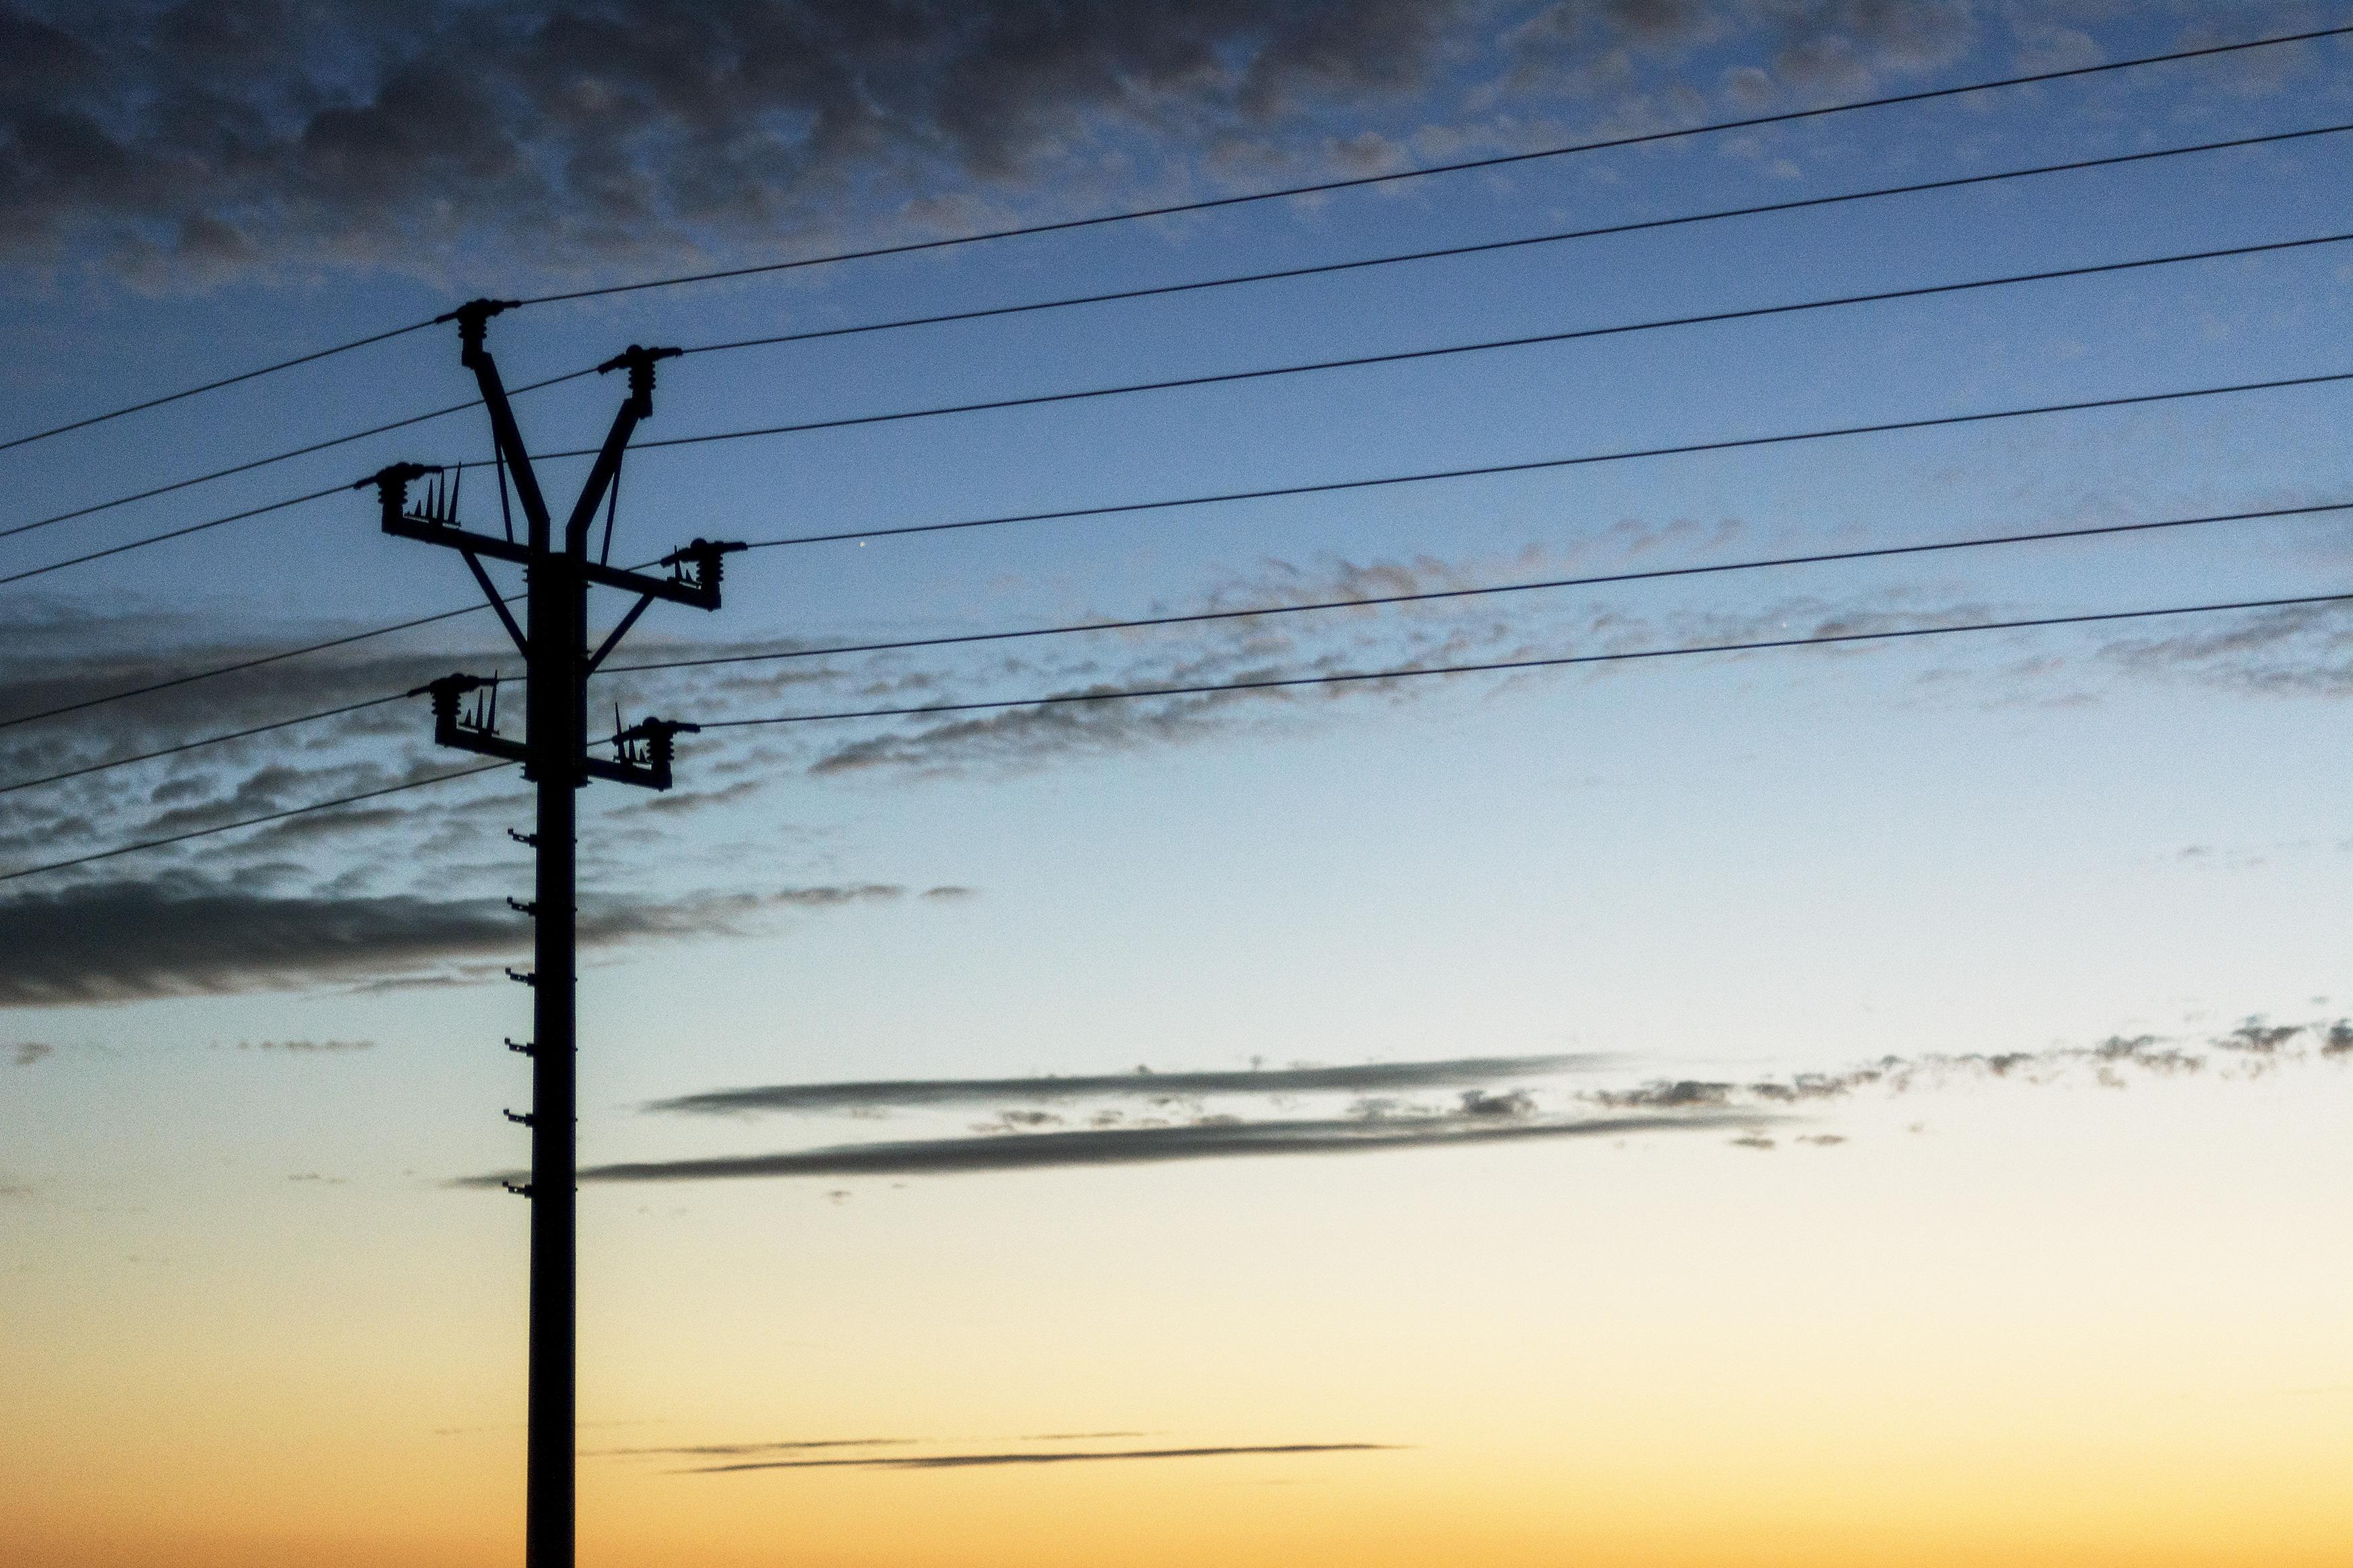 Electric Pole Sunset Landscape | Free Stock Photo | LibreShot